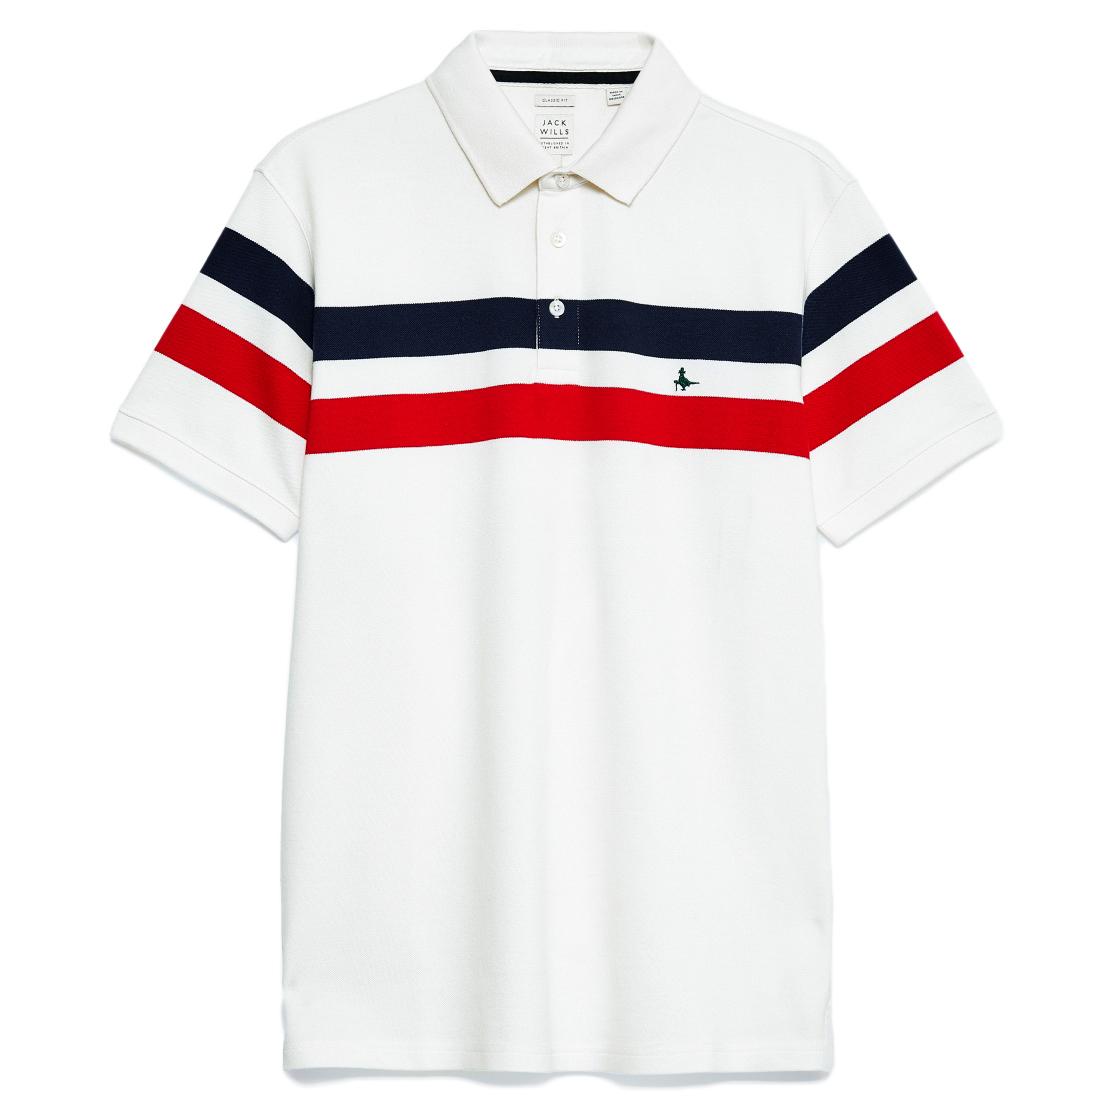 Jack Wills Men's Portrush Sports Polo Shirt - White, L